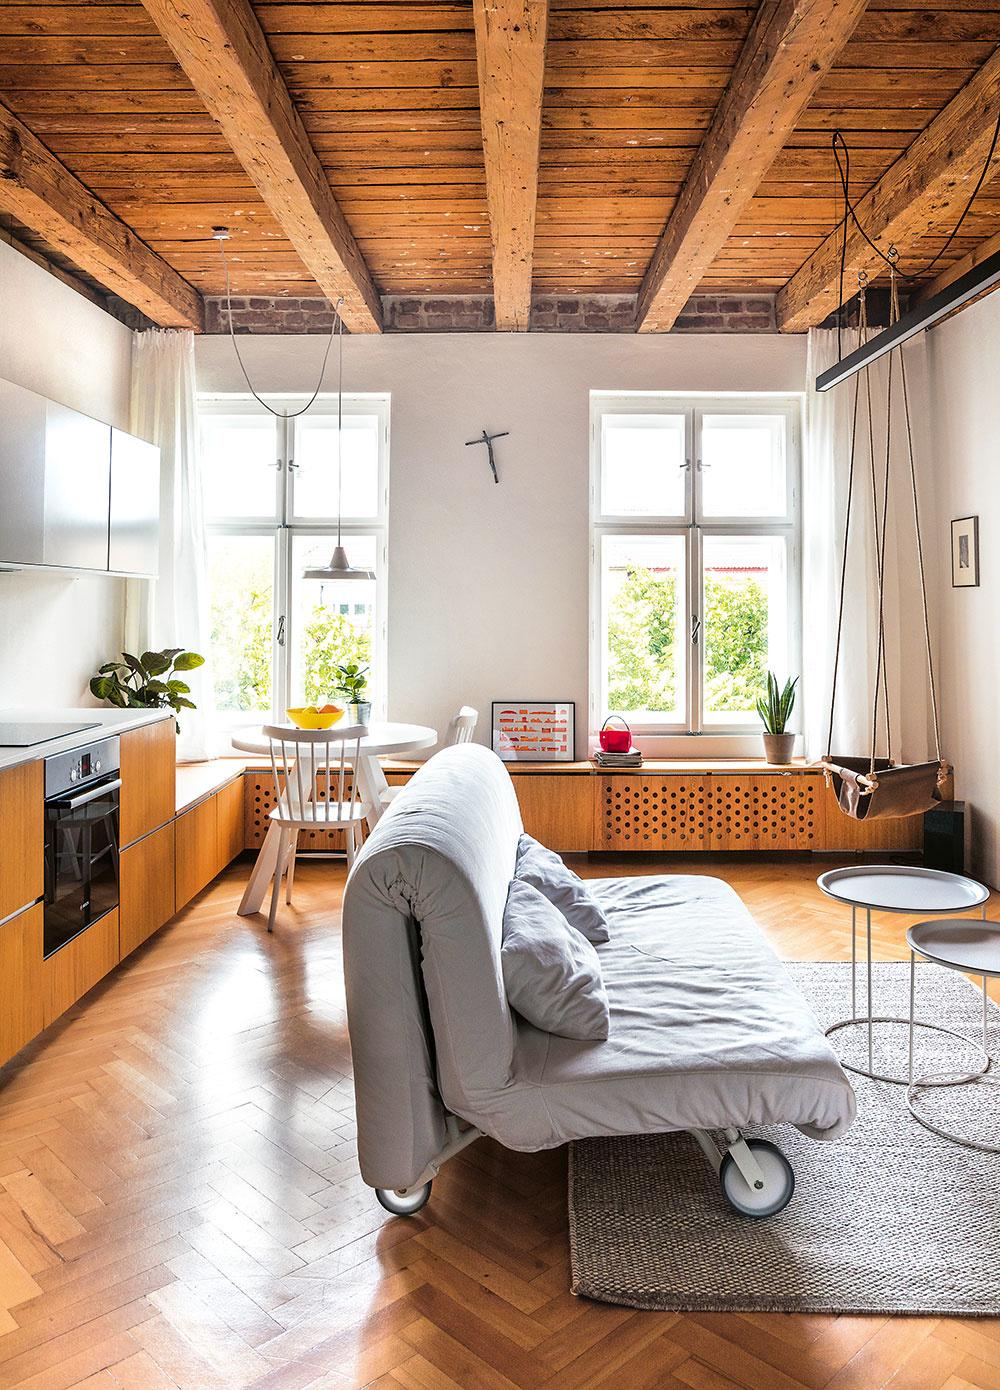 obývačka so sedačkou a kuchynou